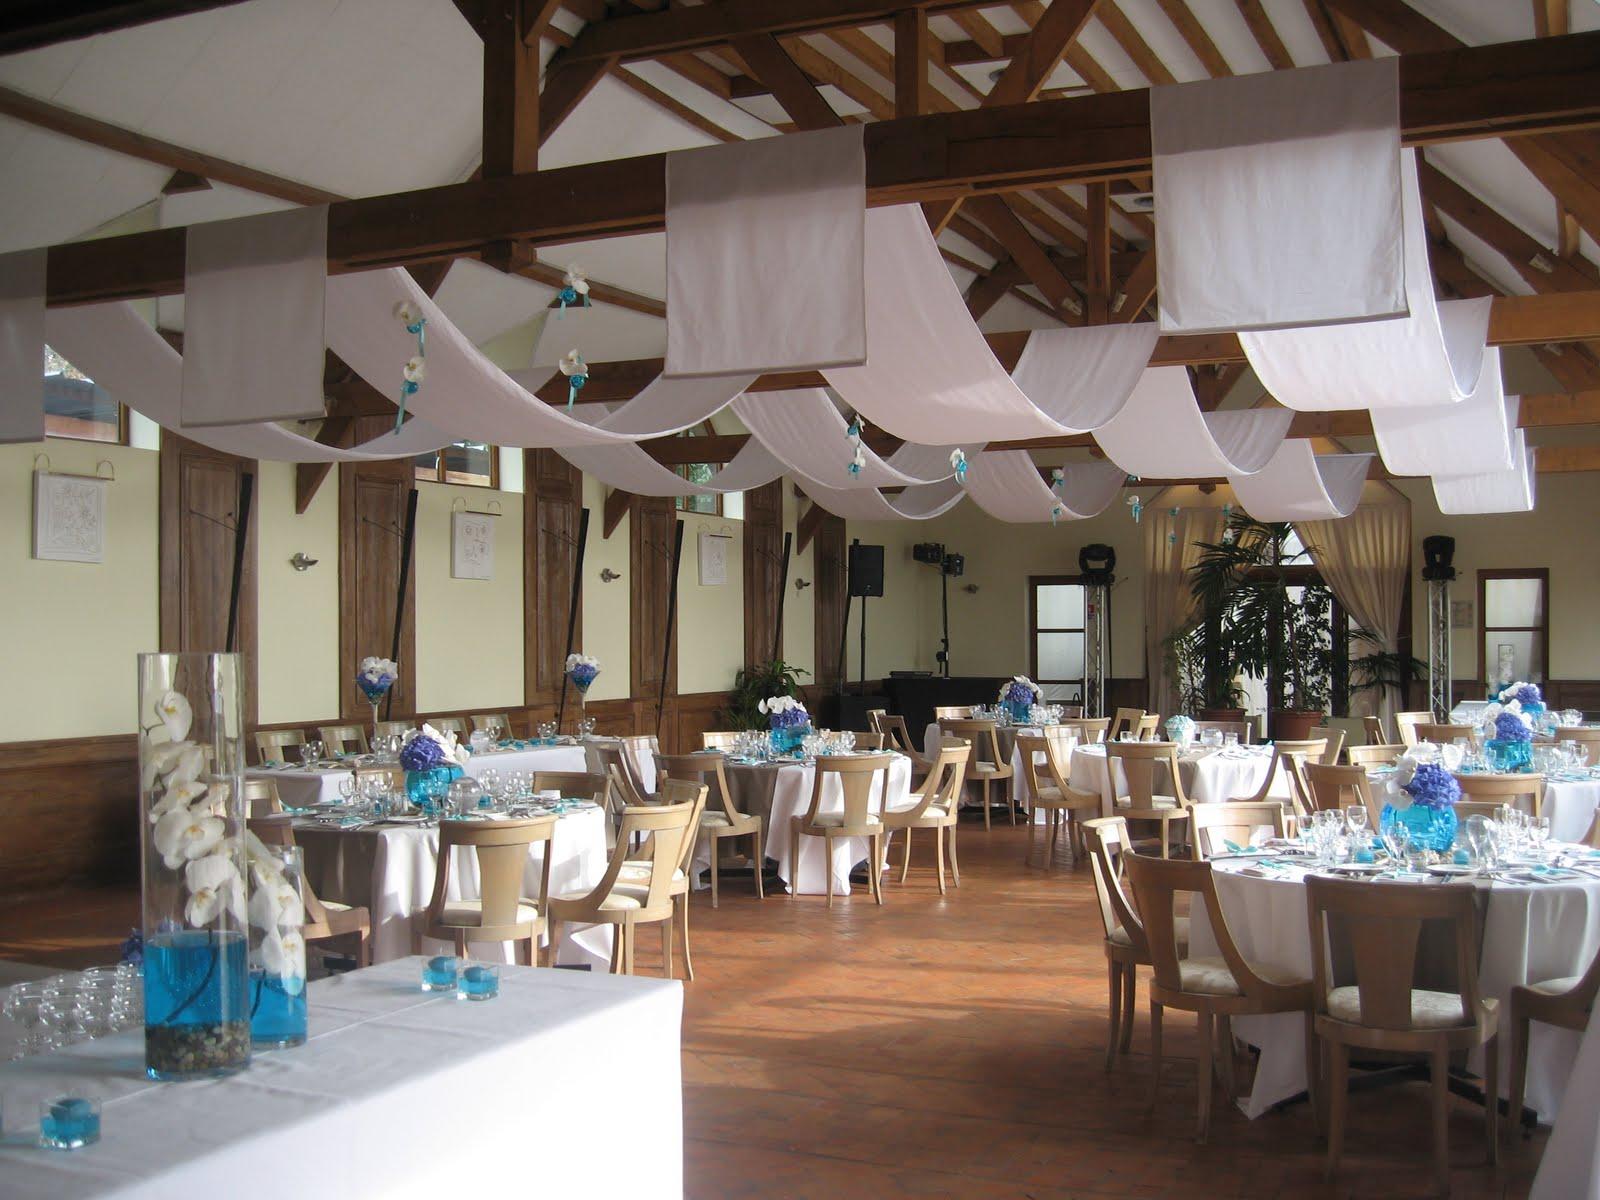 Le secret des receptions c t mer une d coration de - Decoration mer pour mariage decoration mer ...